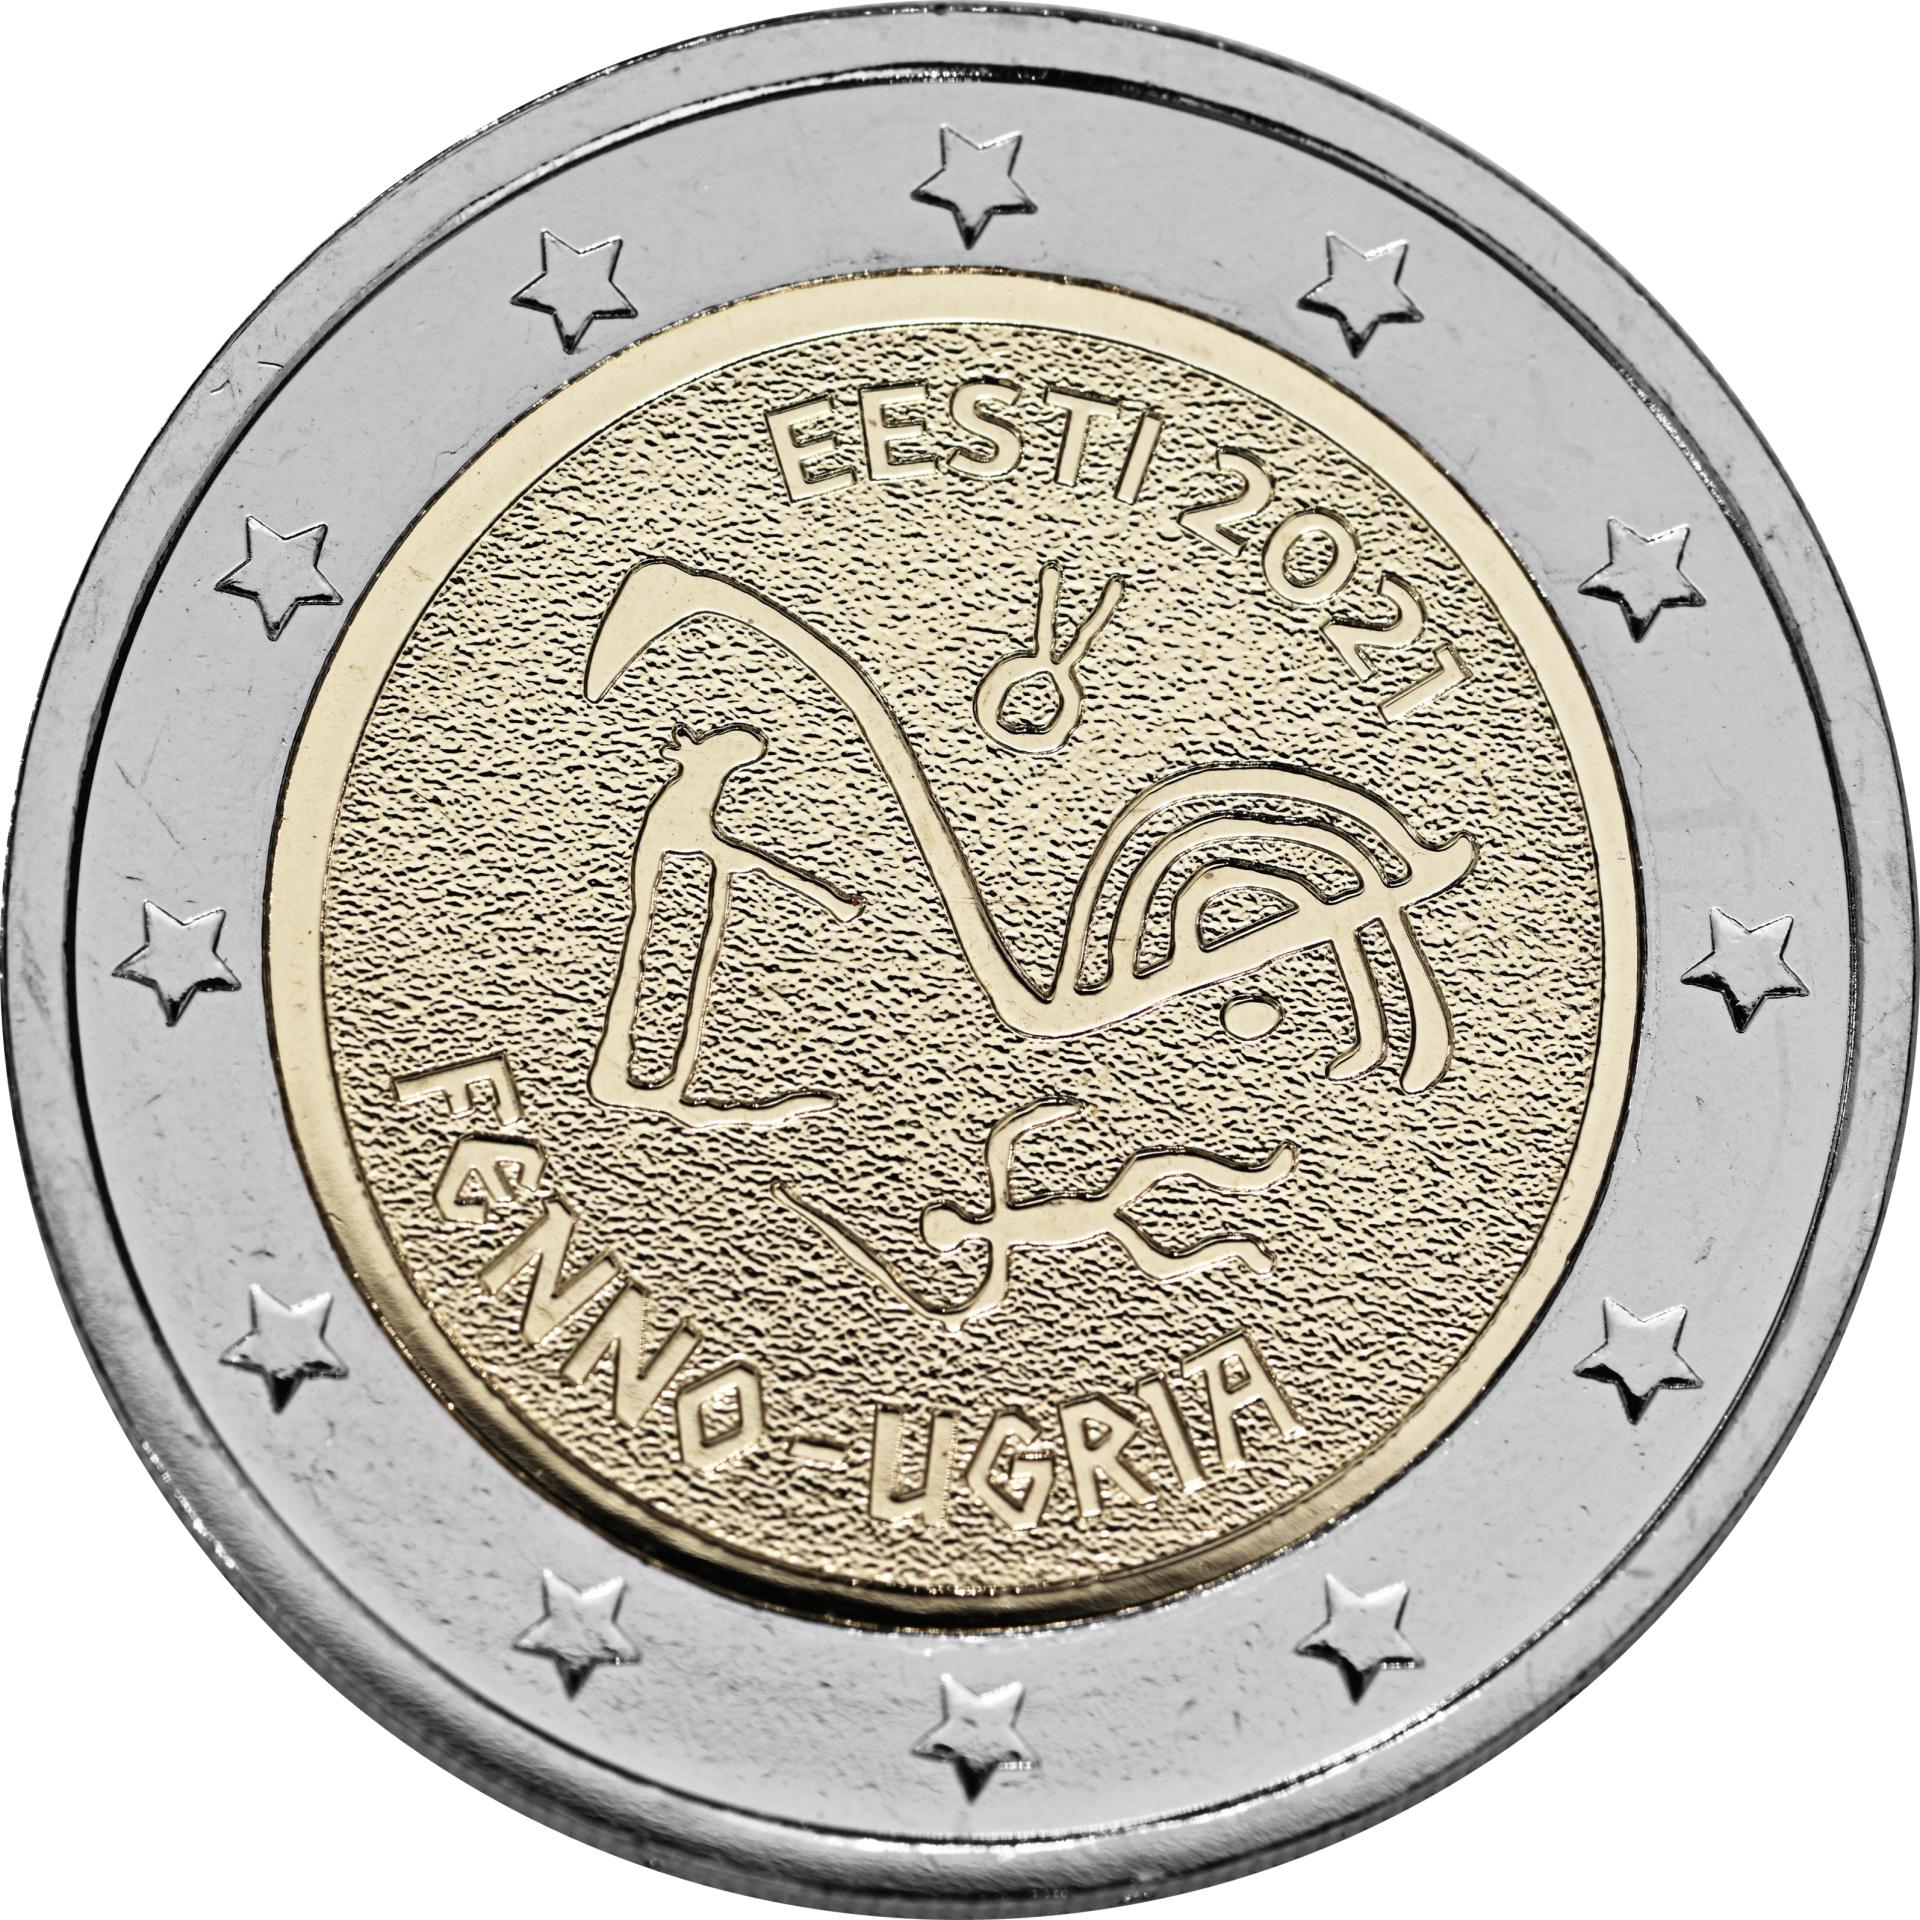 soome-ugri erikujundusega 2eurone käibemünt